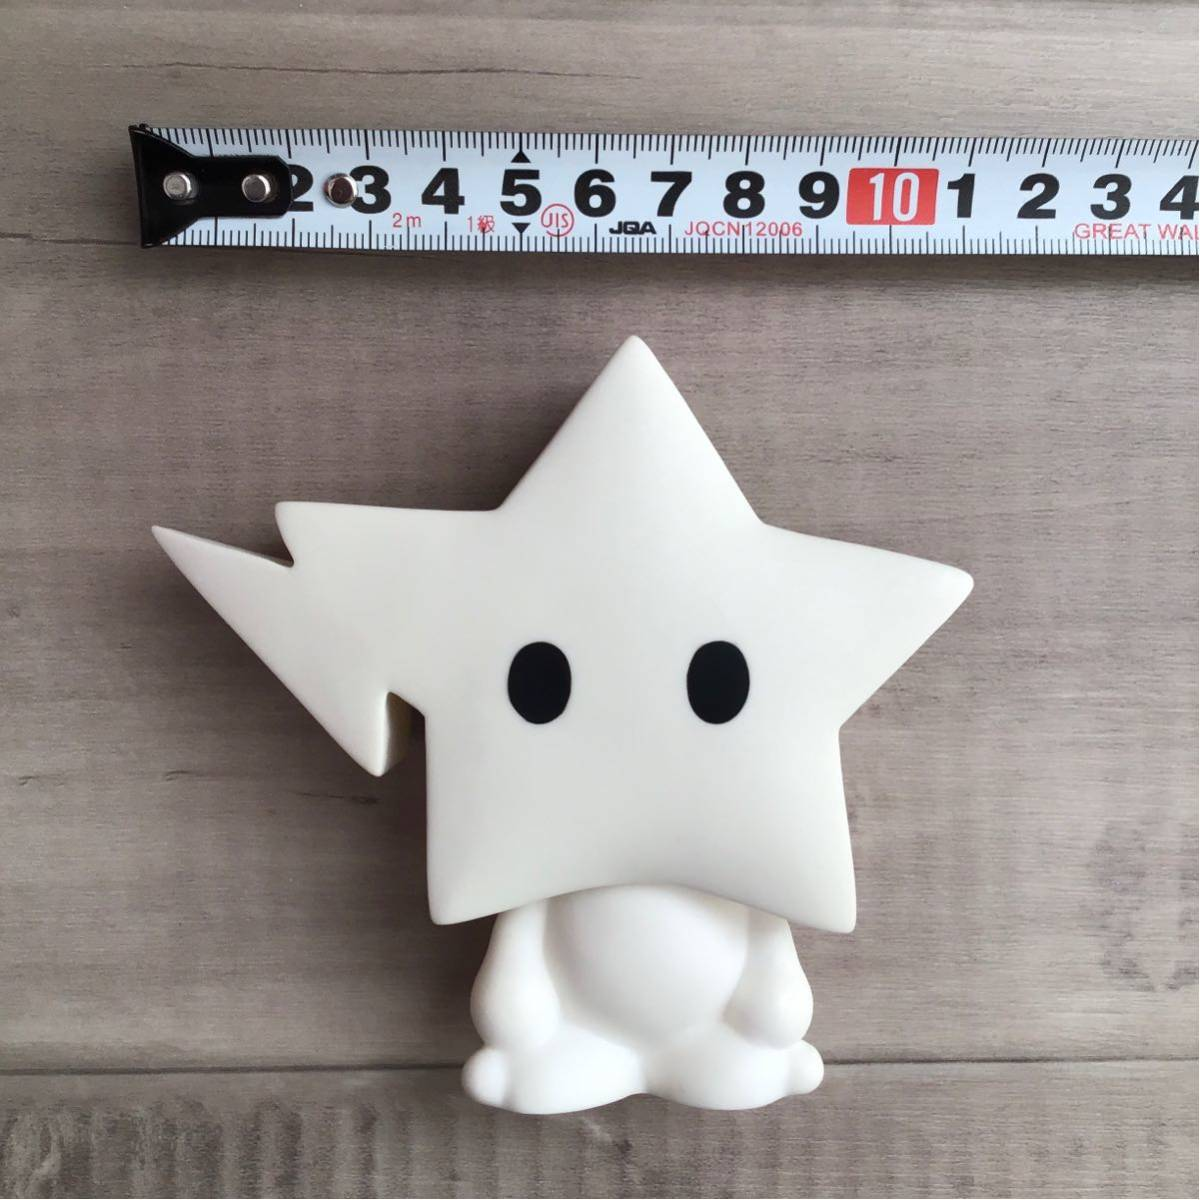 ★激レア★ bapesta フィギュア a bathing ape bape play sta エイプ ベイプ アベイシングエイプ スター star figure nigo white